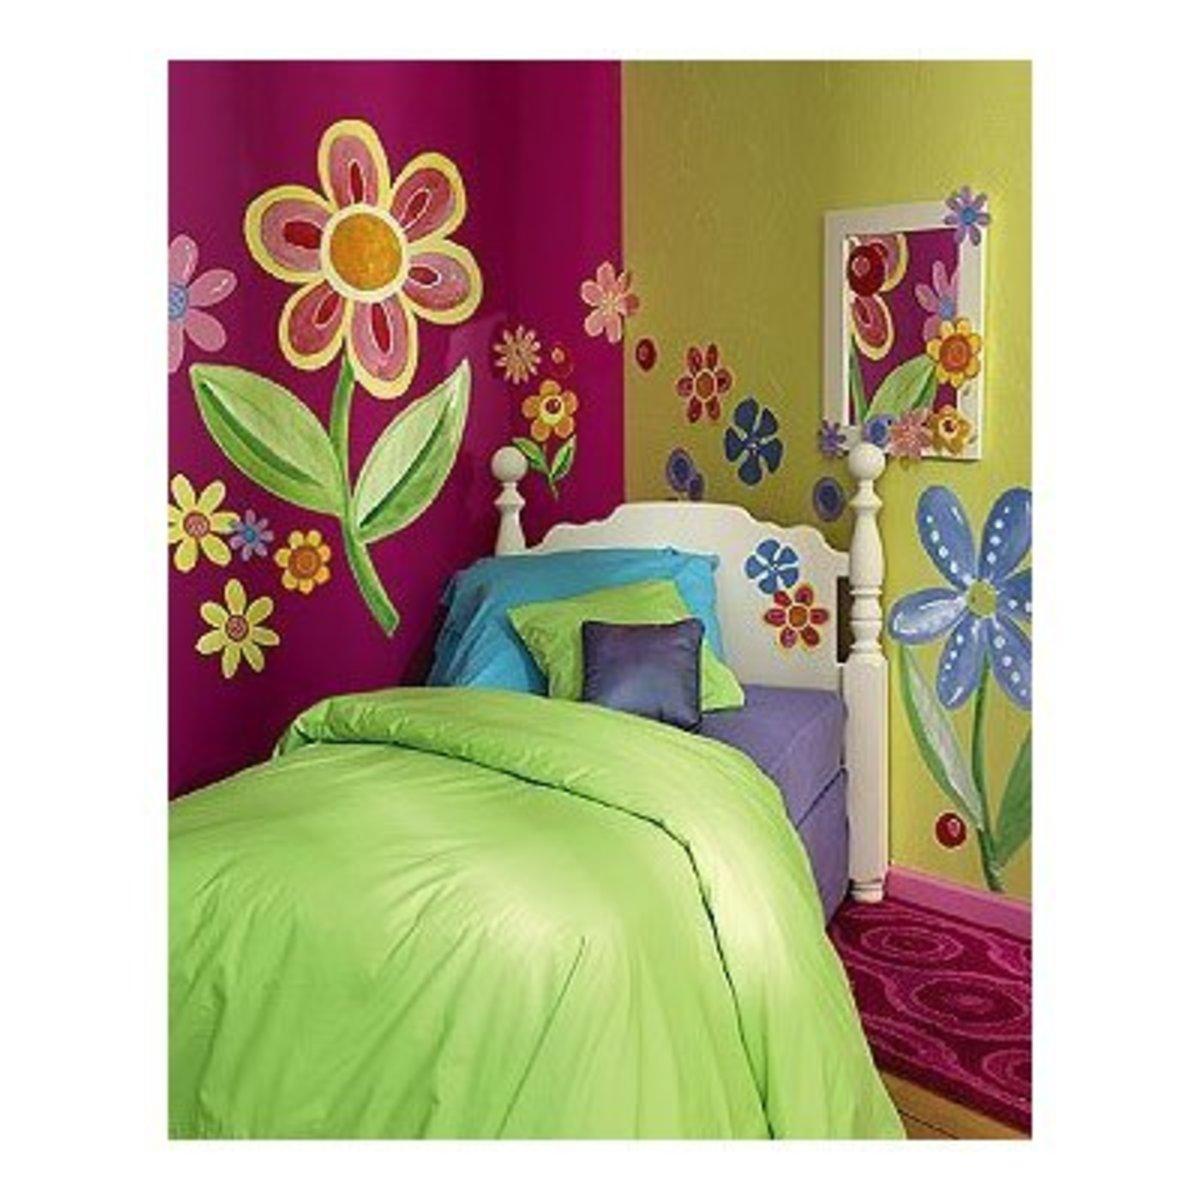 kids wall stencil decal